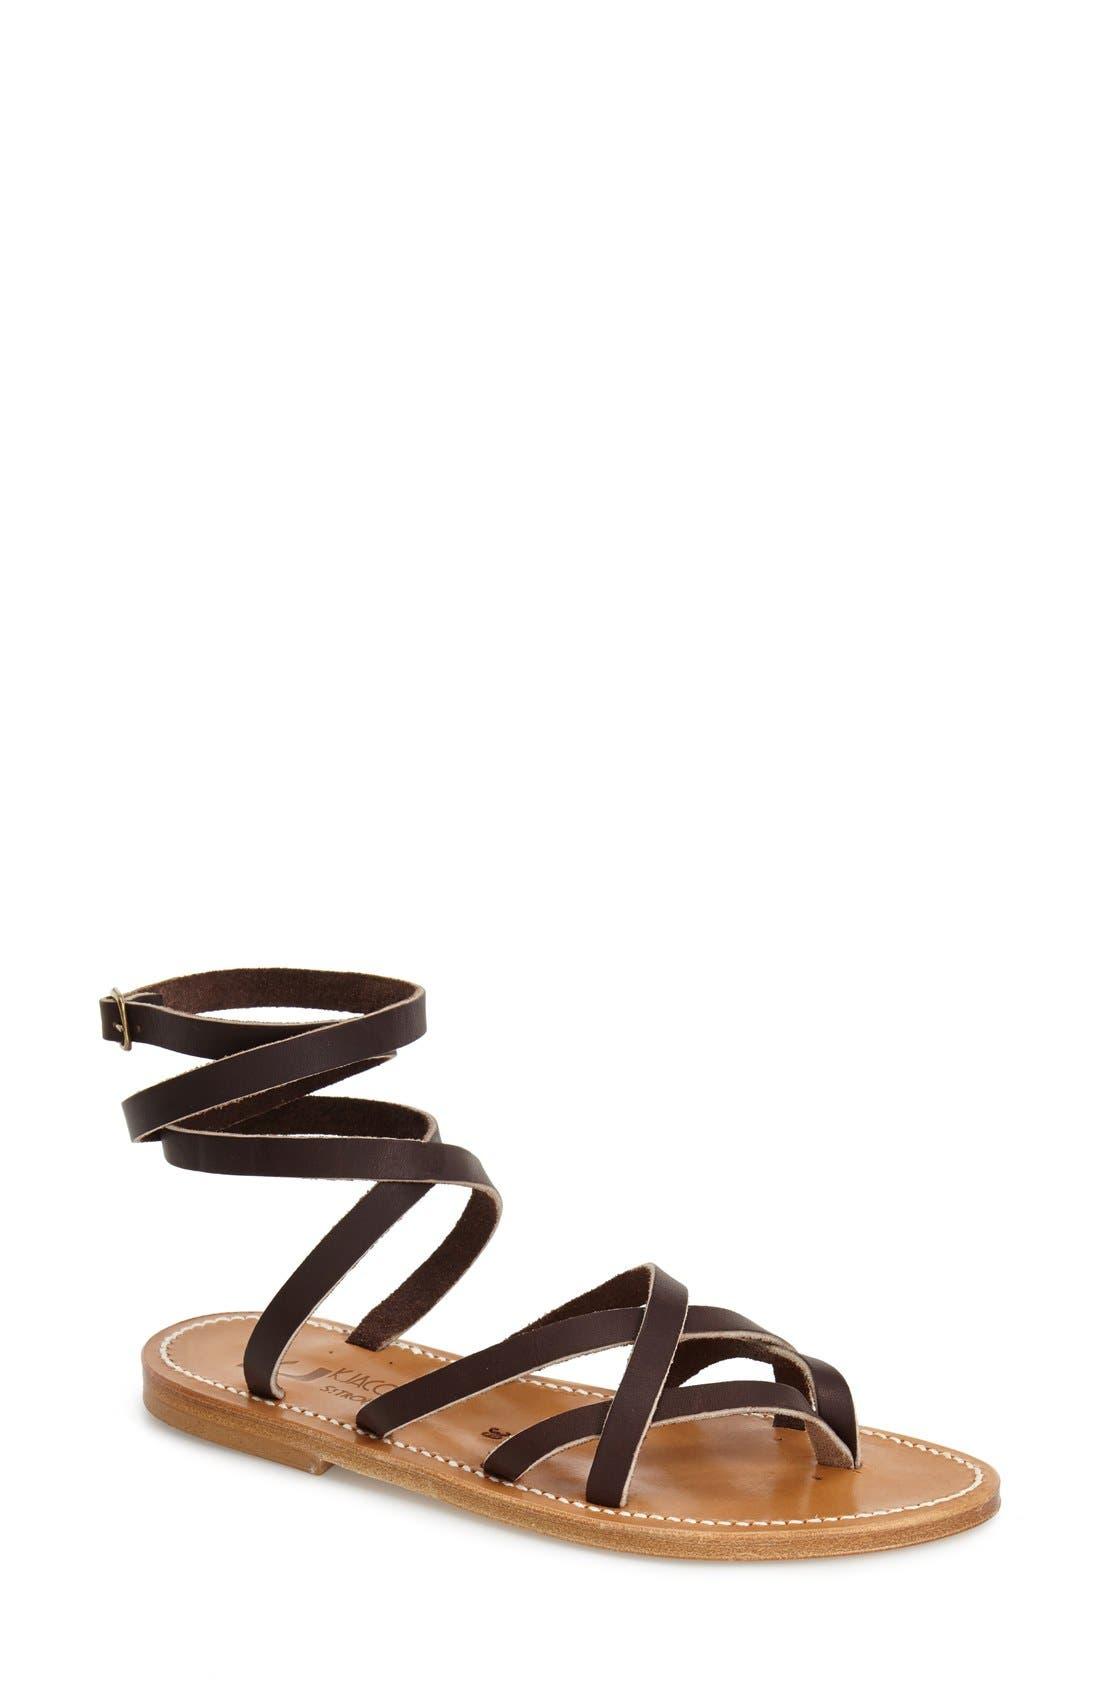 Main Image - K.Jacques St. Tropez 'Zenobie' Ankle Wrap Sandal (Women)